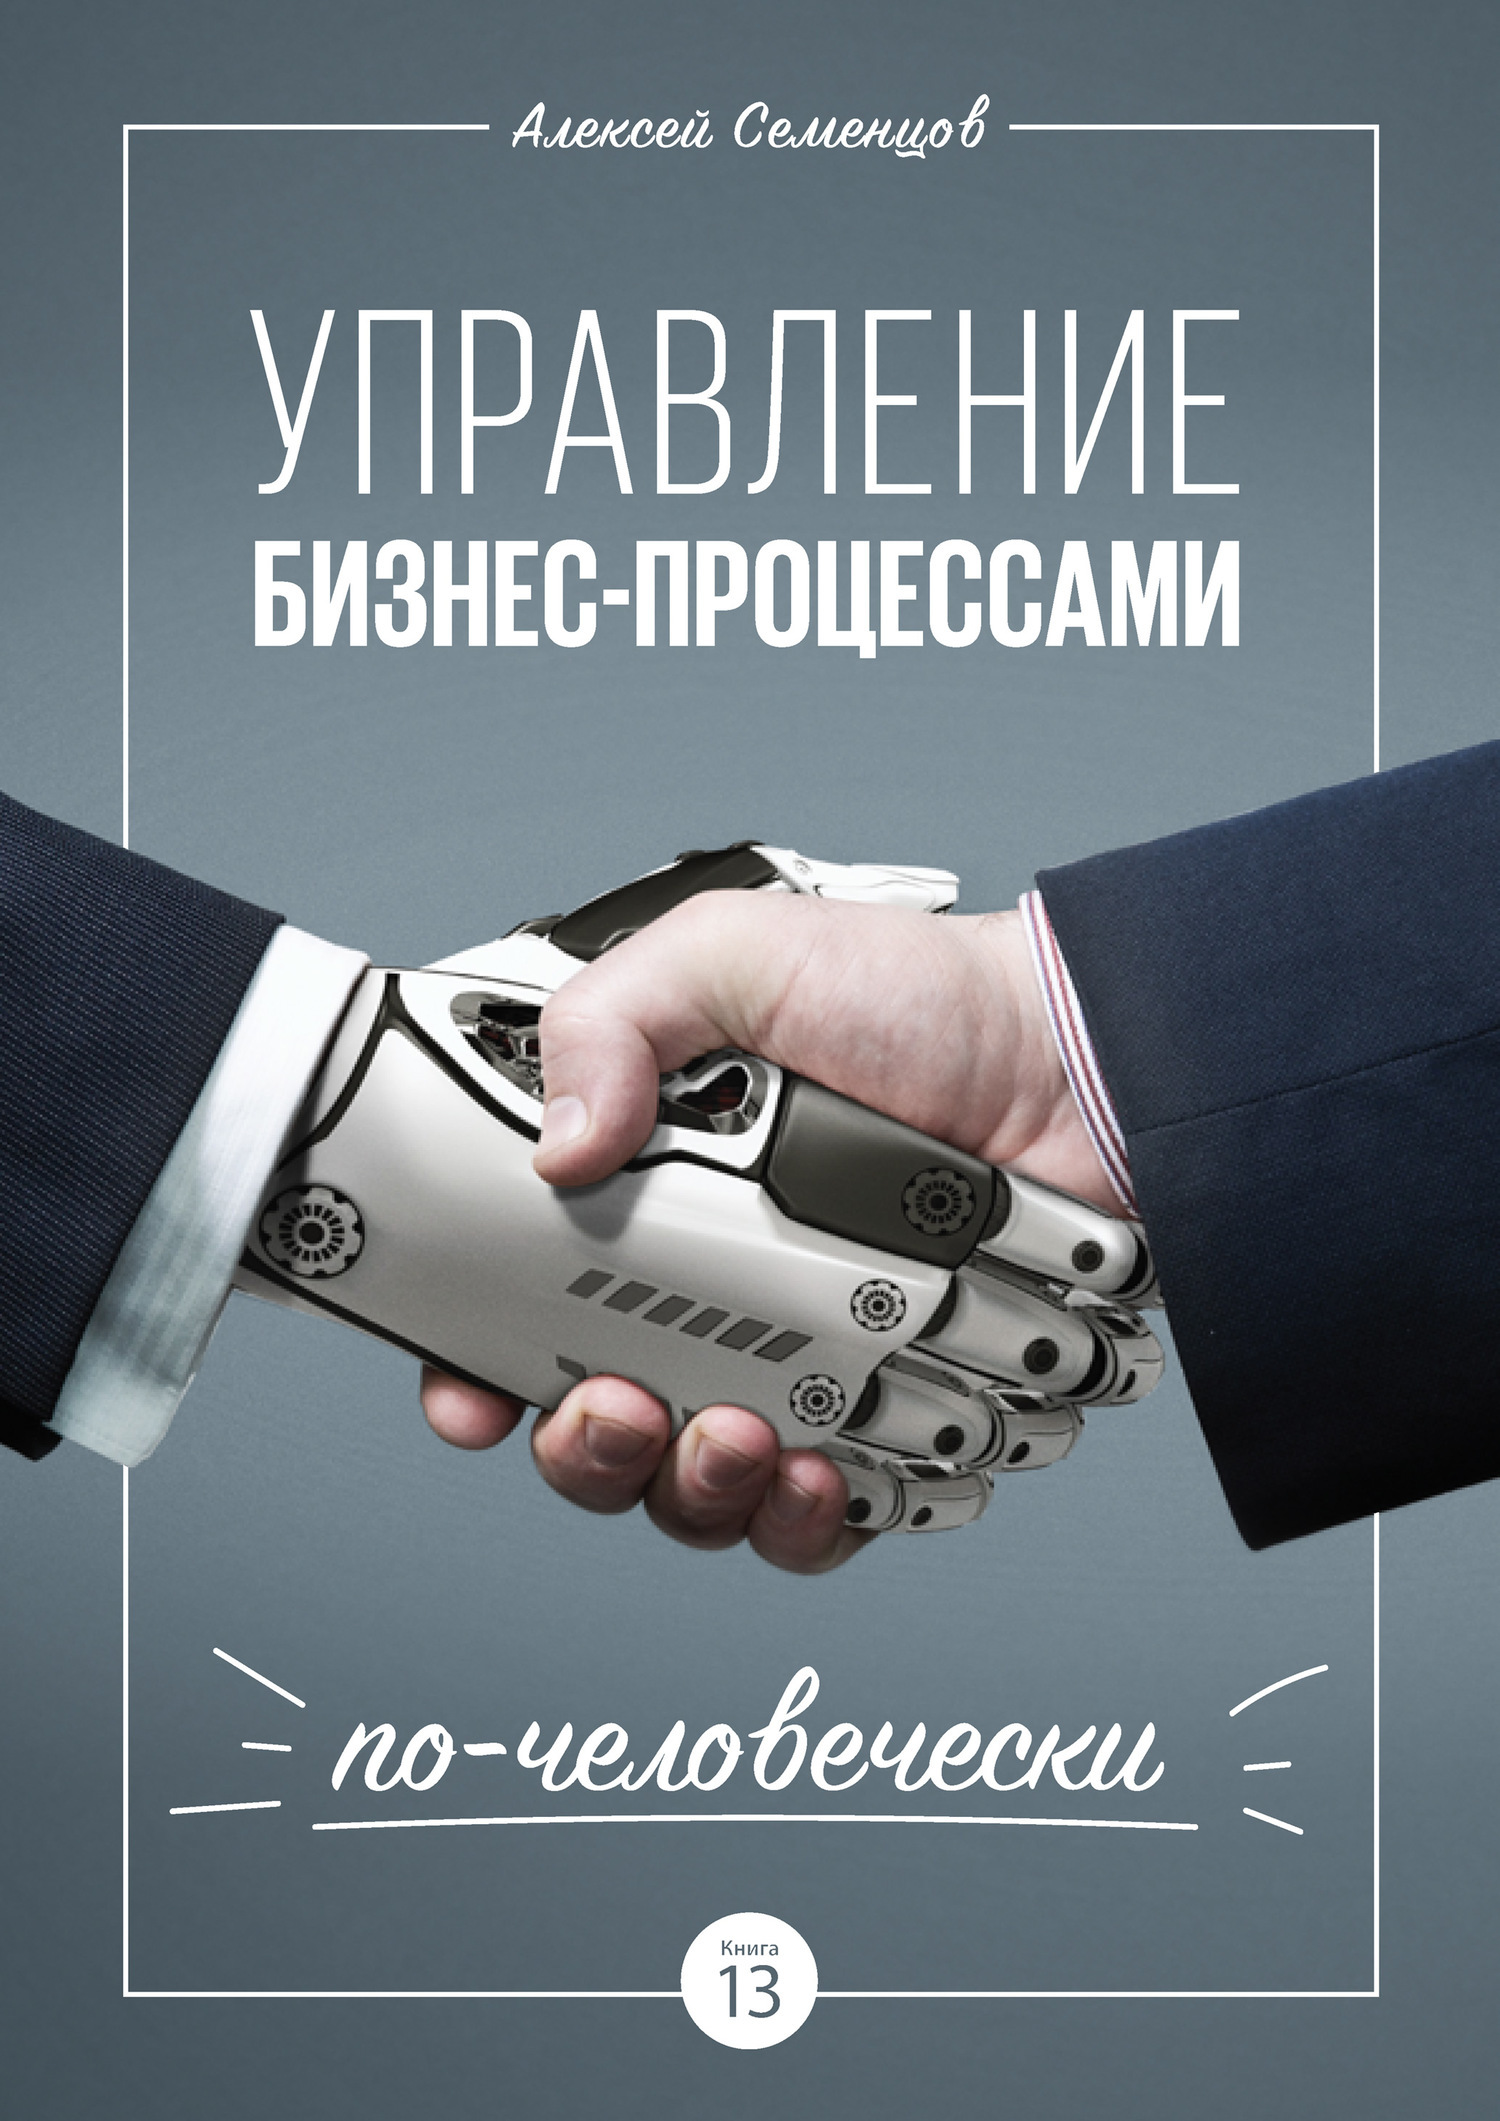 Обложка книги. Автор - Алексей Семенцов